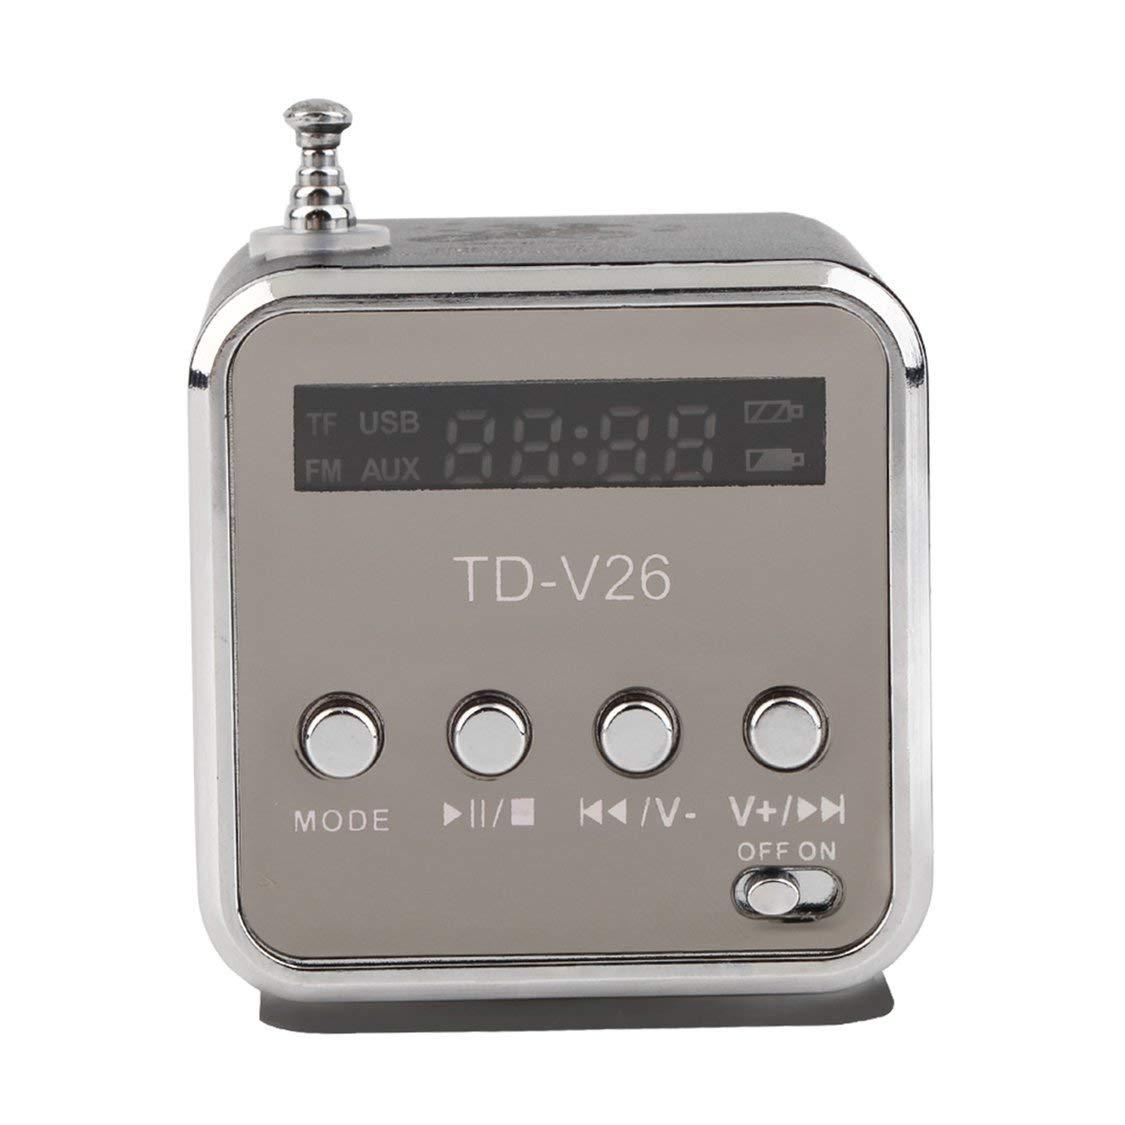 Micro TF USB Mini Altavoz port/átil Reproductor de m/úsica Radio FM port/átil Equipo de m/úsica port/átil con Reproductor de MP3 MP4 y Mini Altavoz